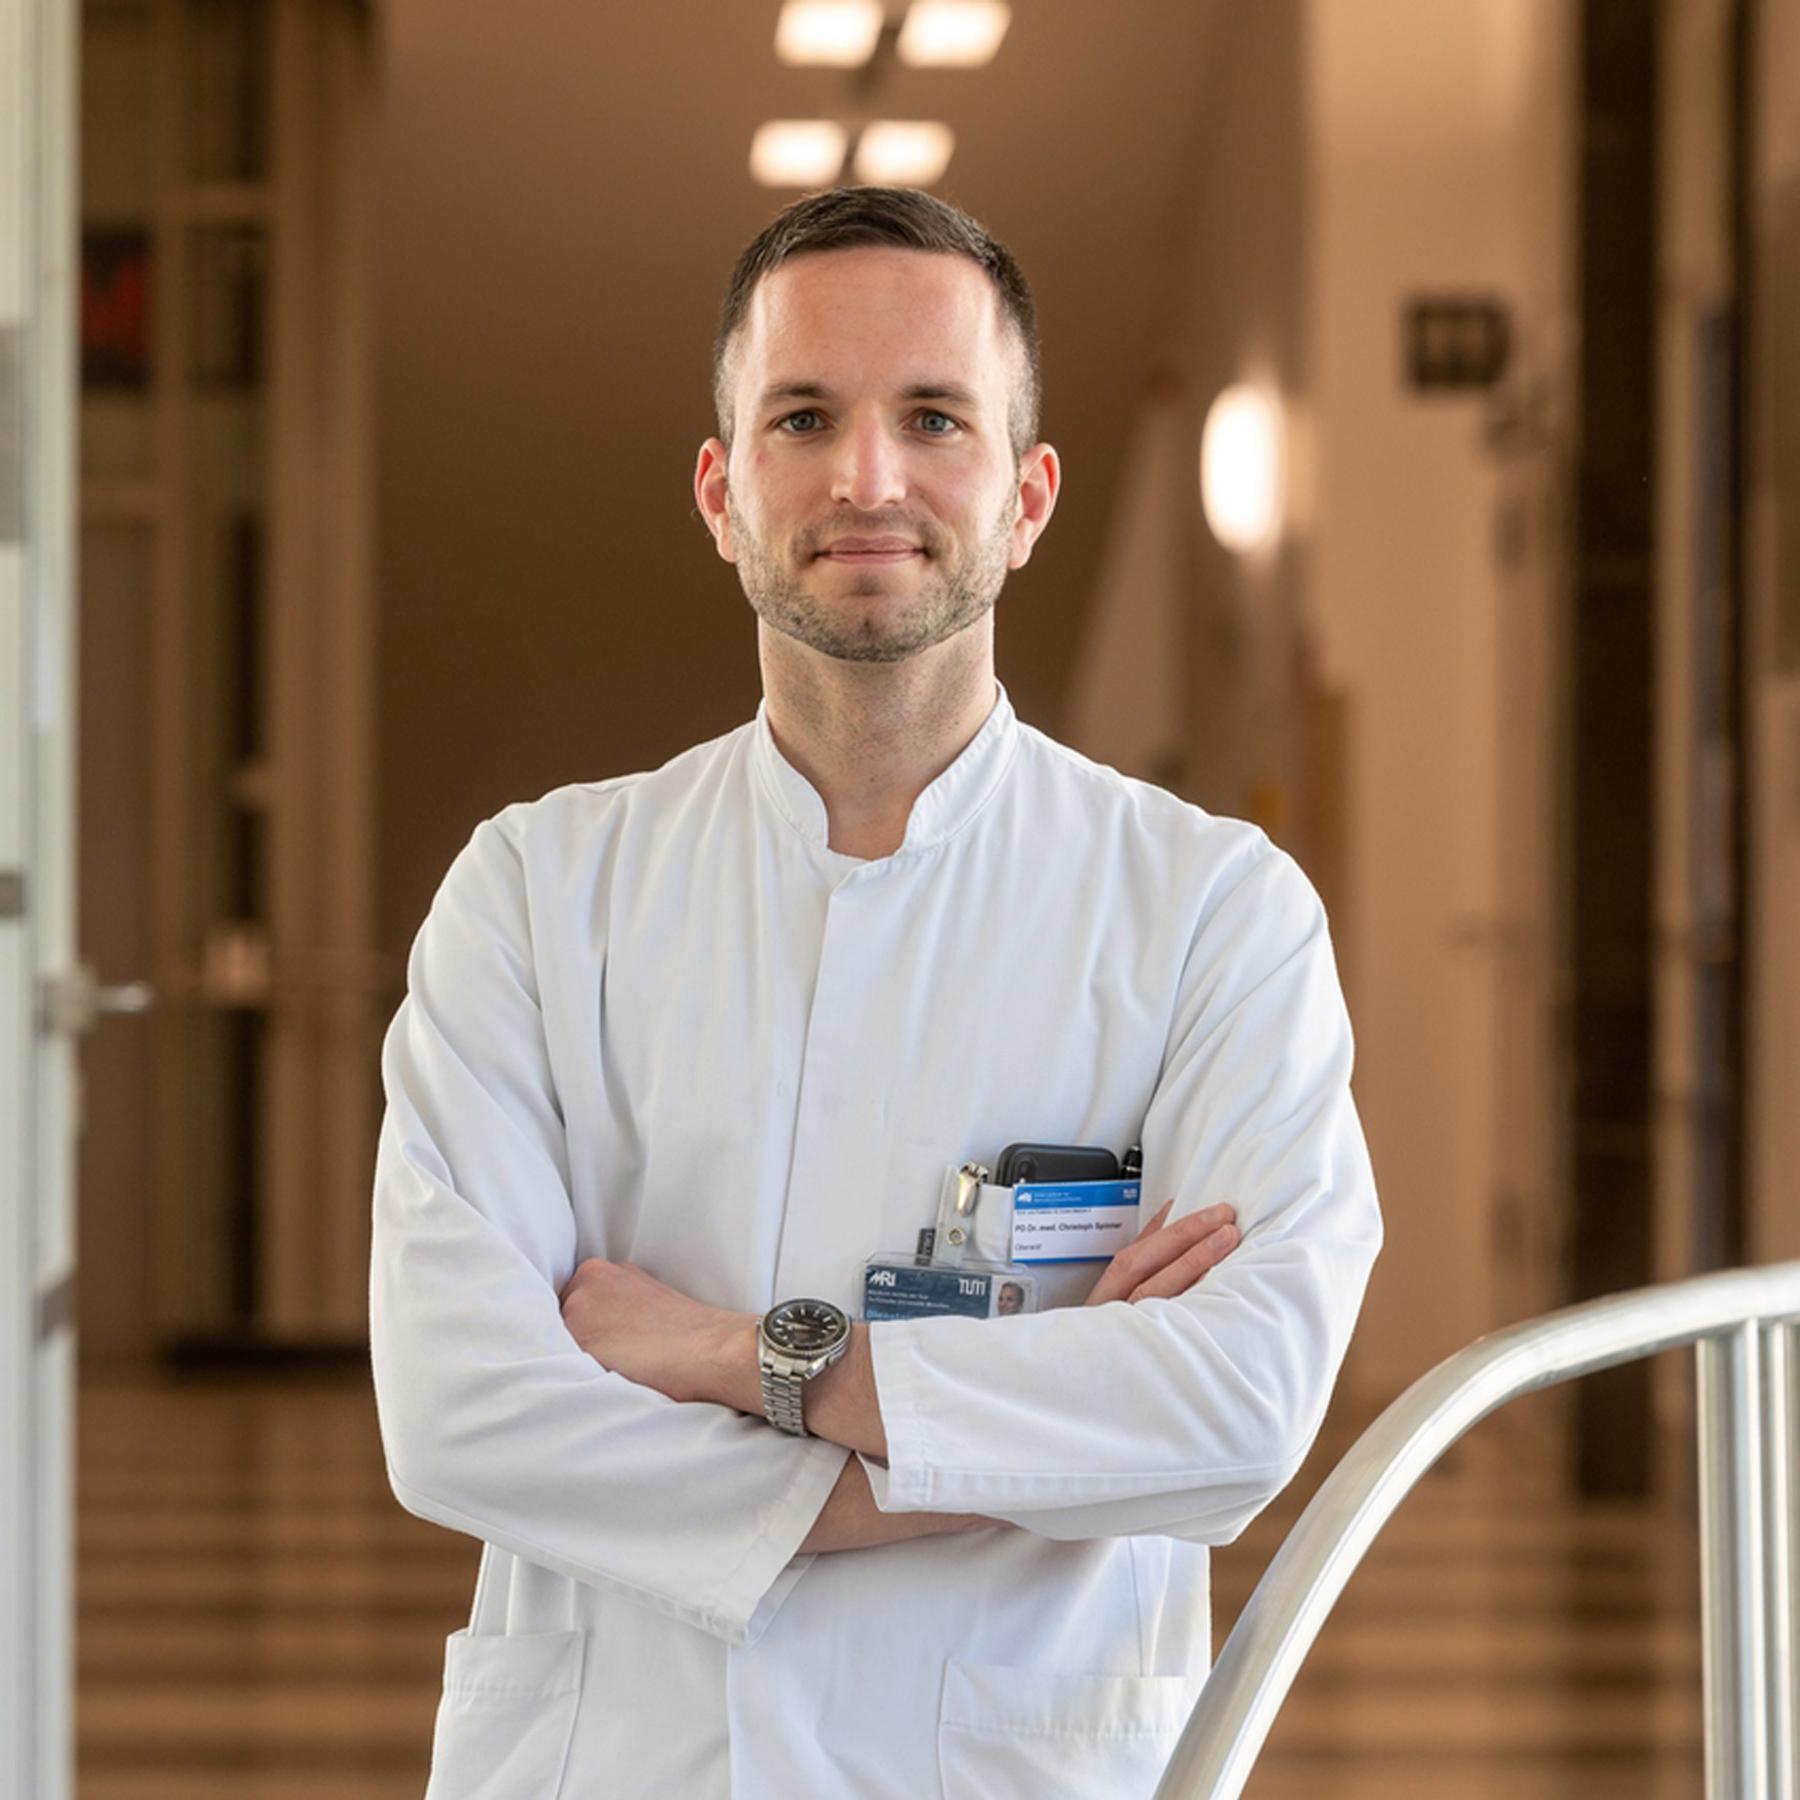 Corona-News: Dr Christoph Spinner